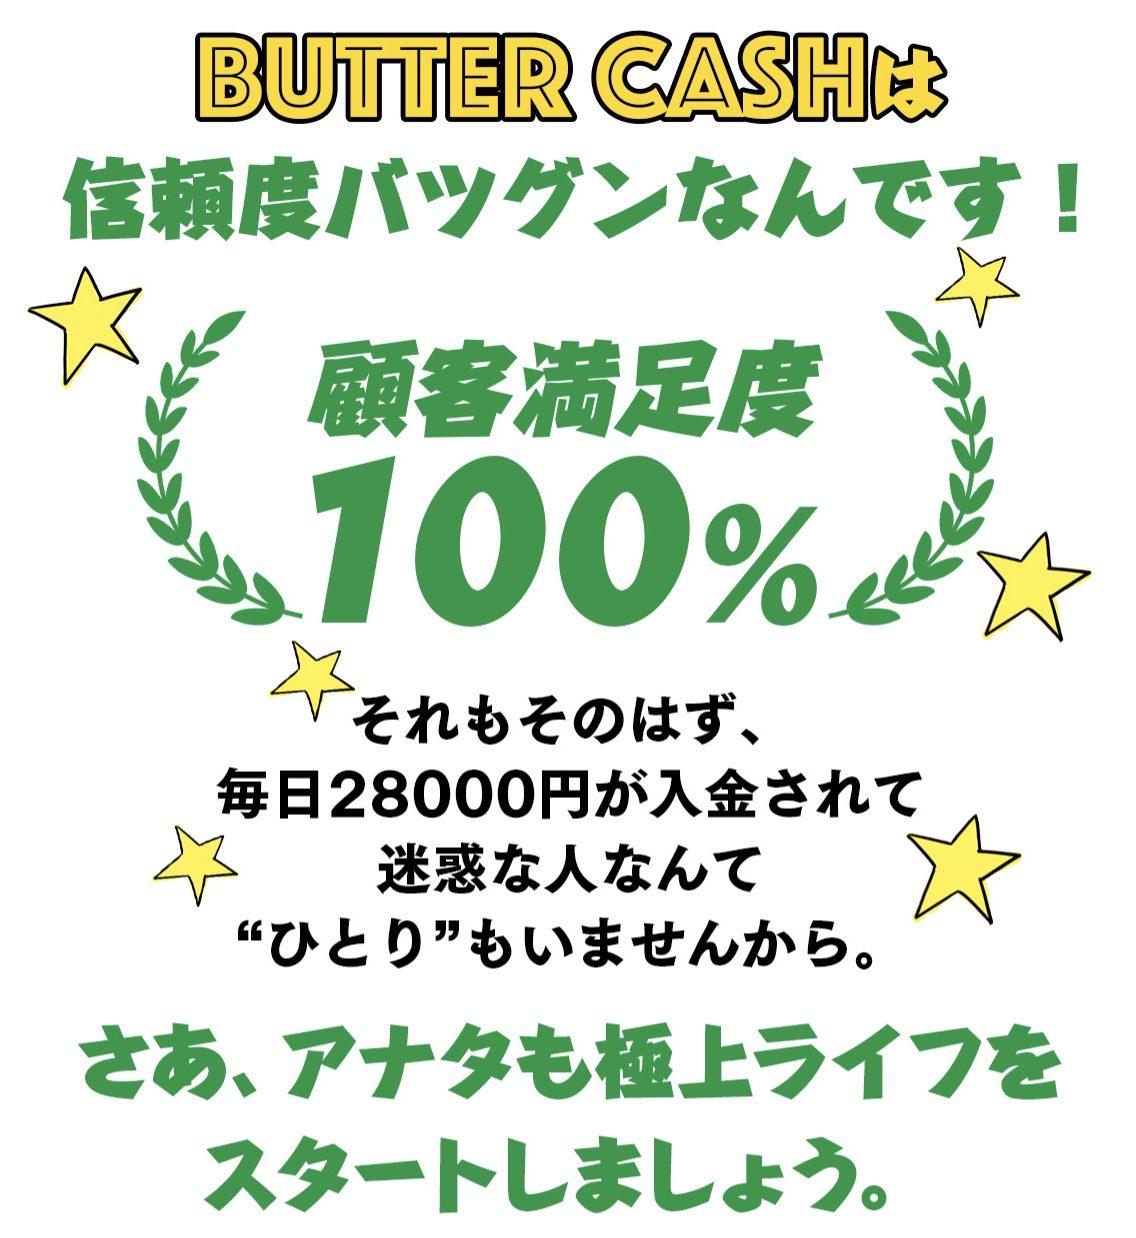 バターキャッシュ概要3